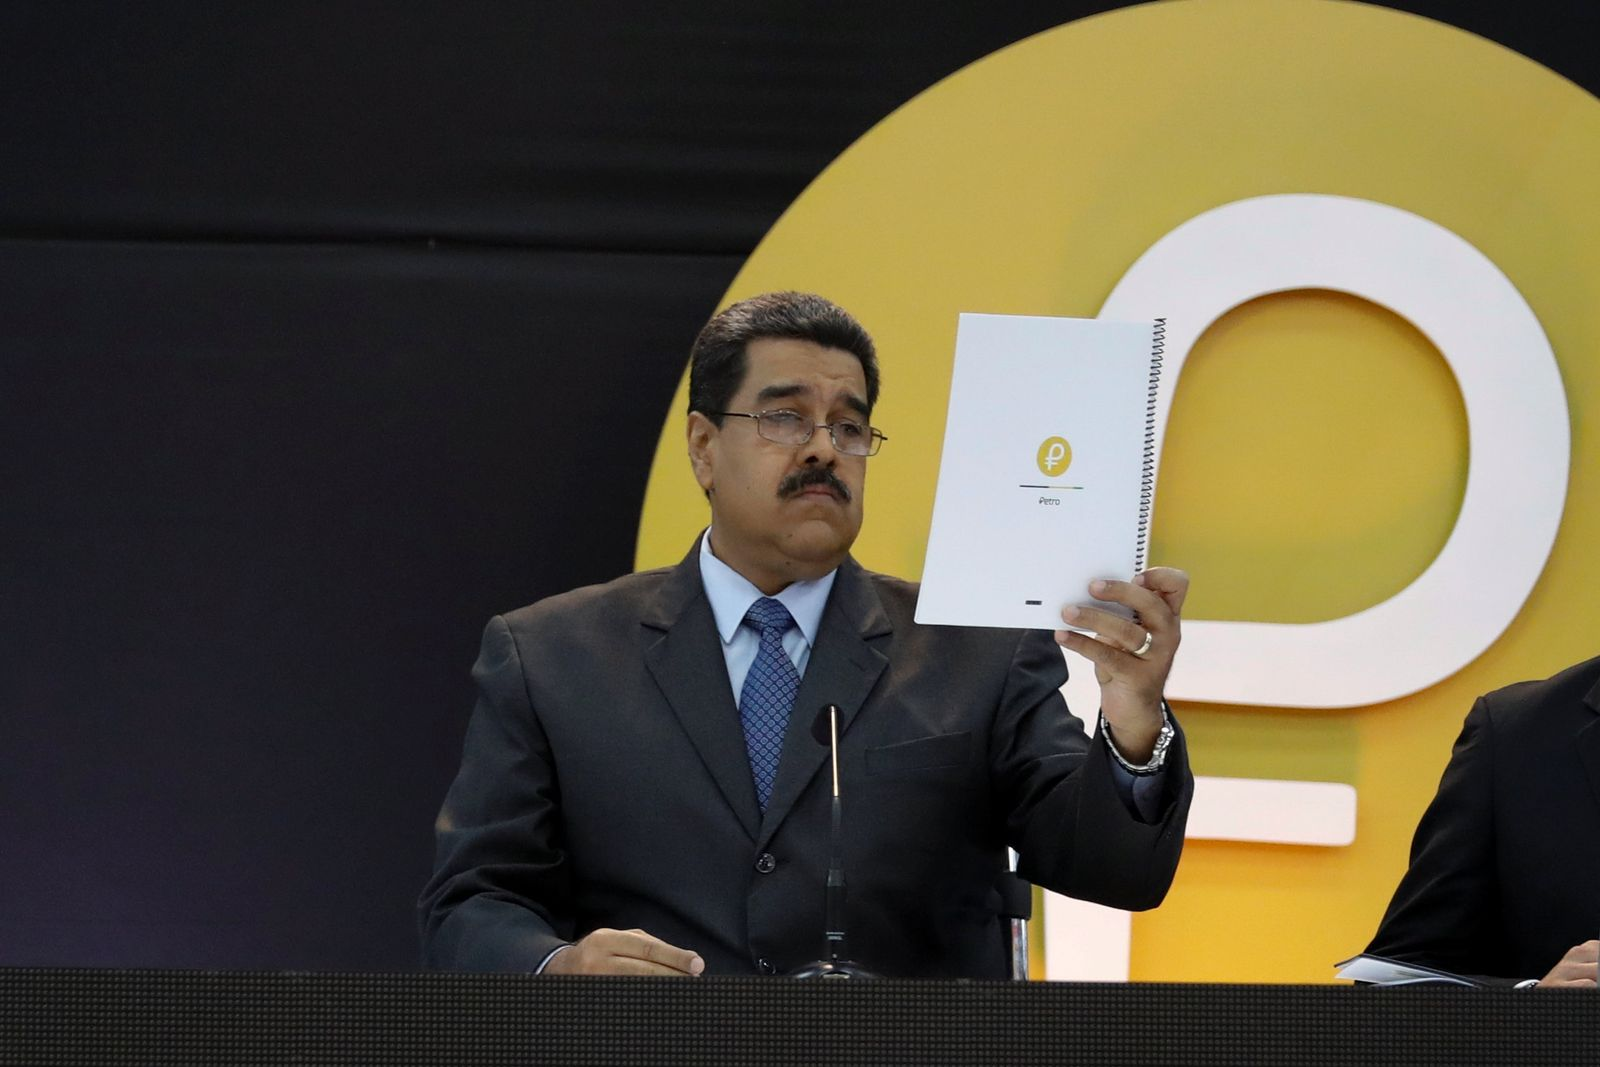 Nicolas Maduro / Petro